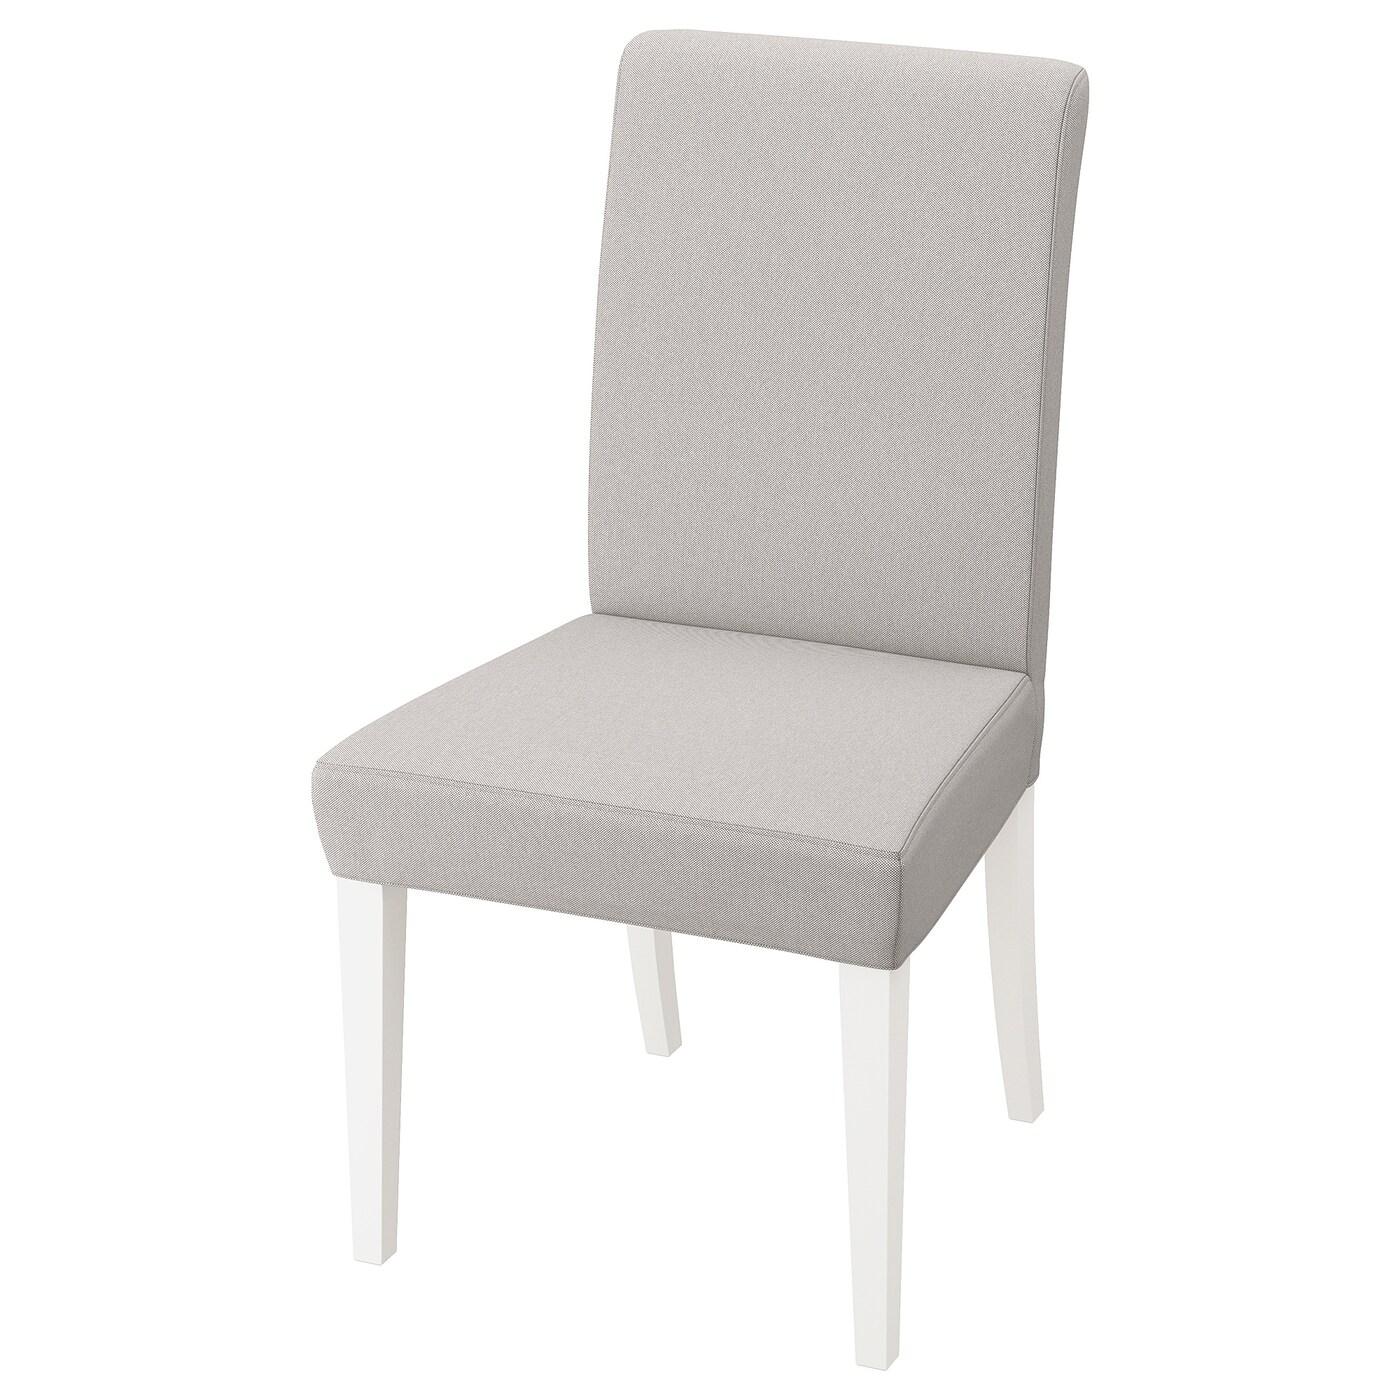 IKEA HENRIKSDAL białe krzesło z jasnoszarym pokryciem